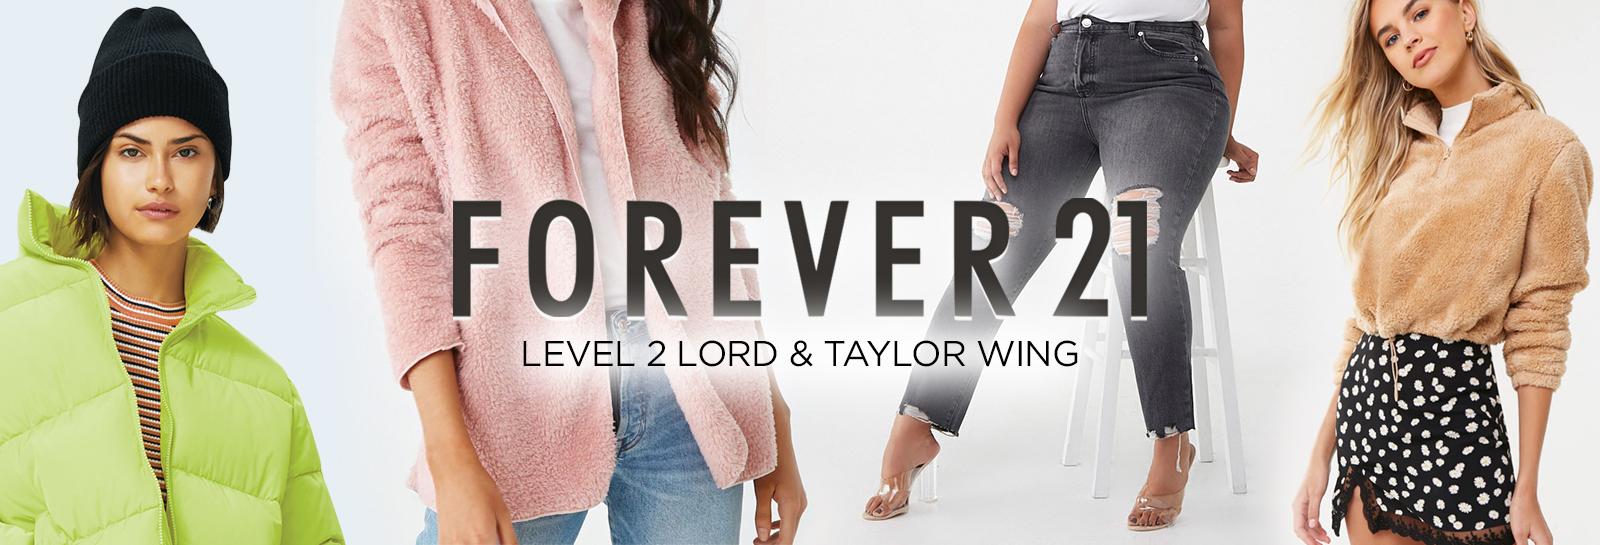 2019 10 11 forever21slider